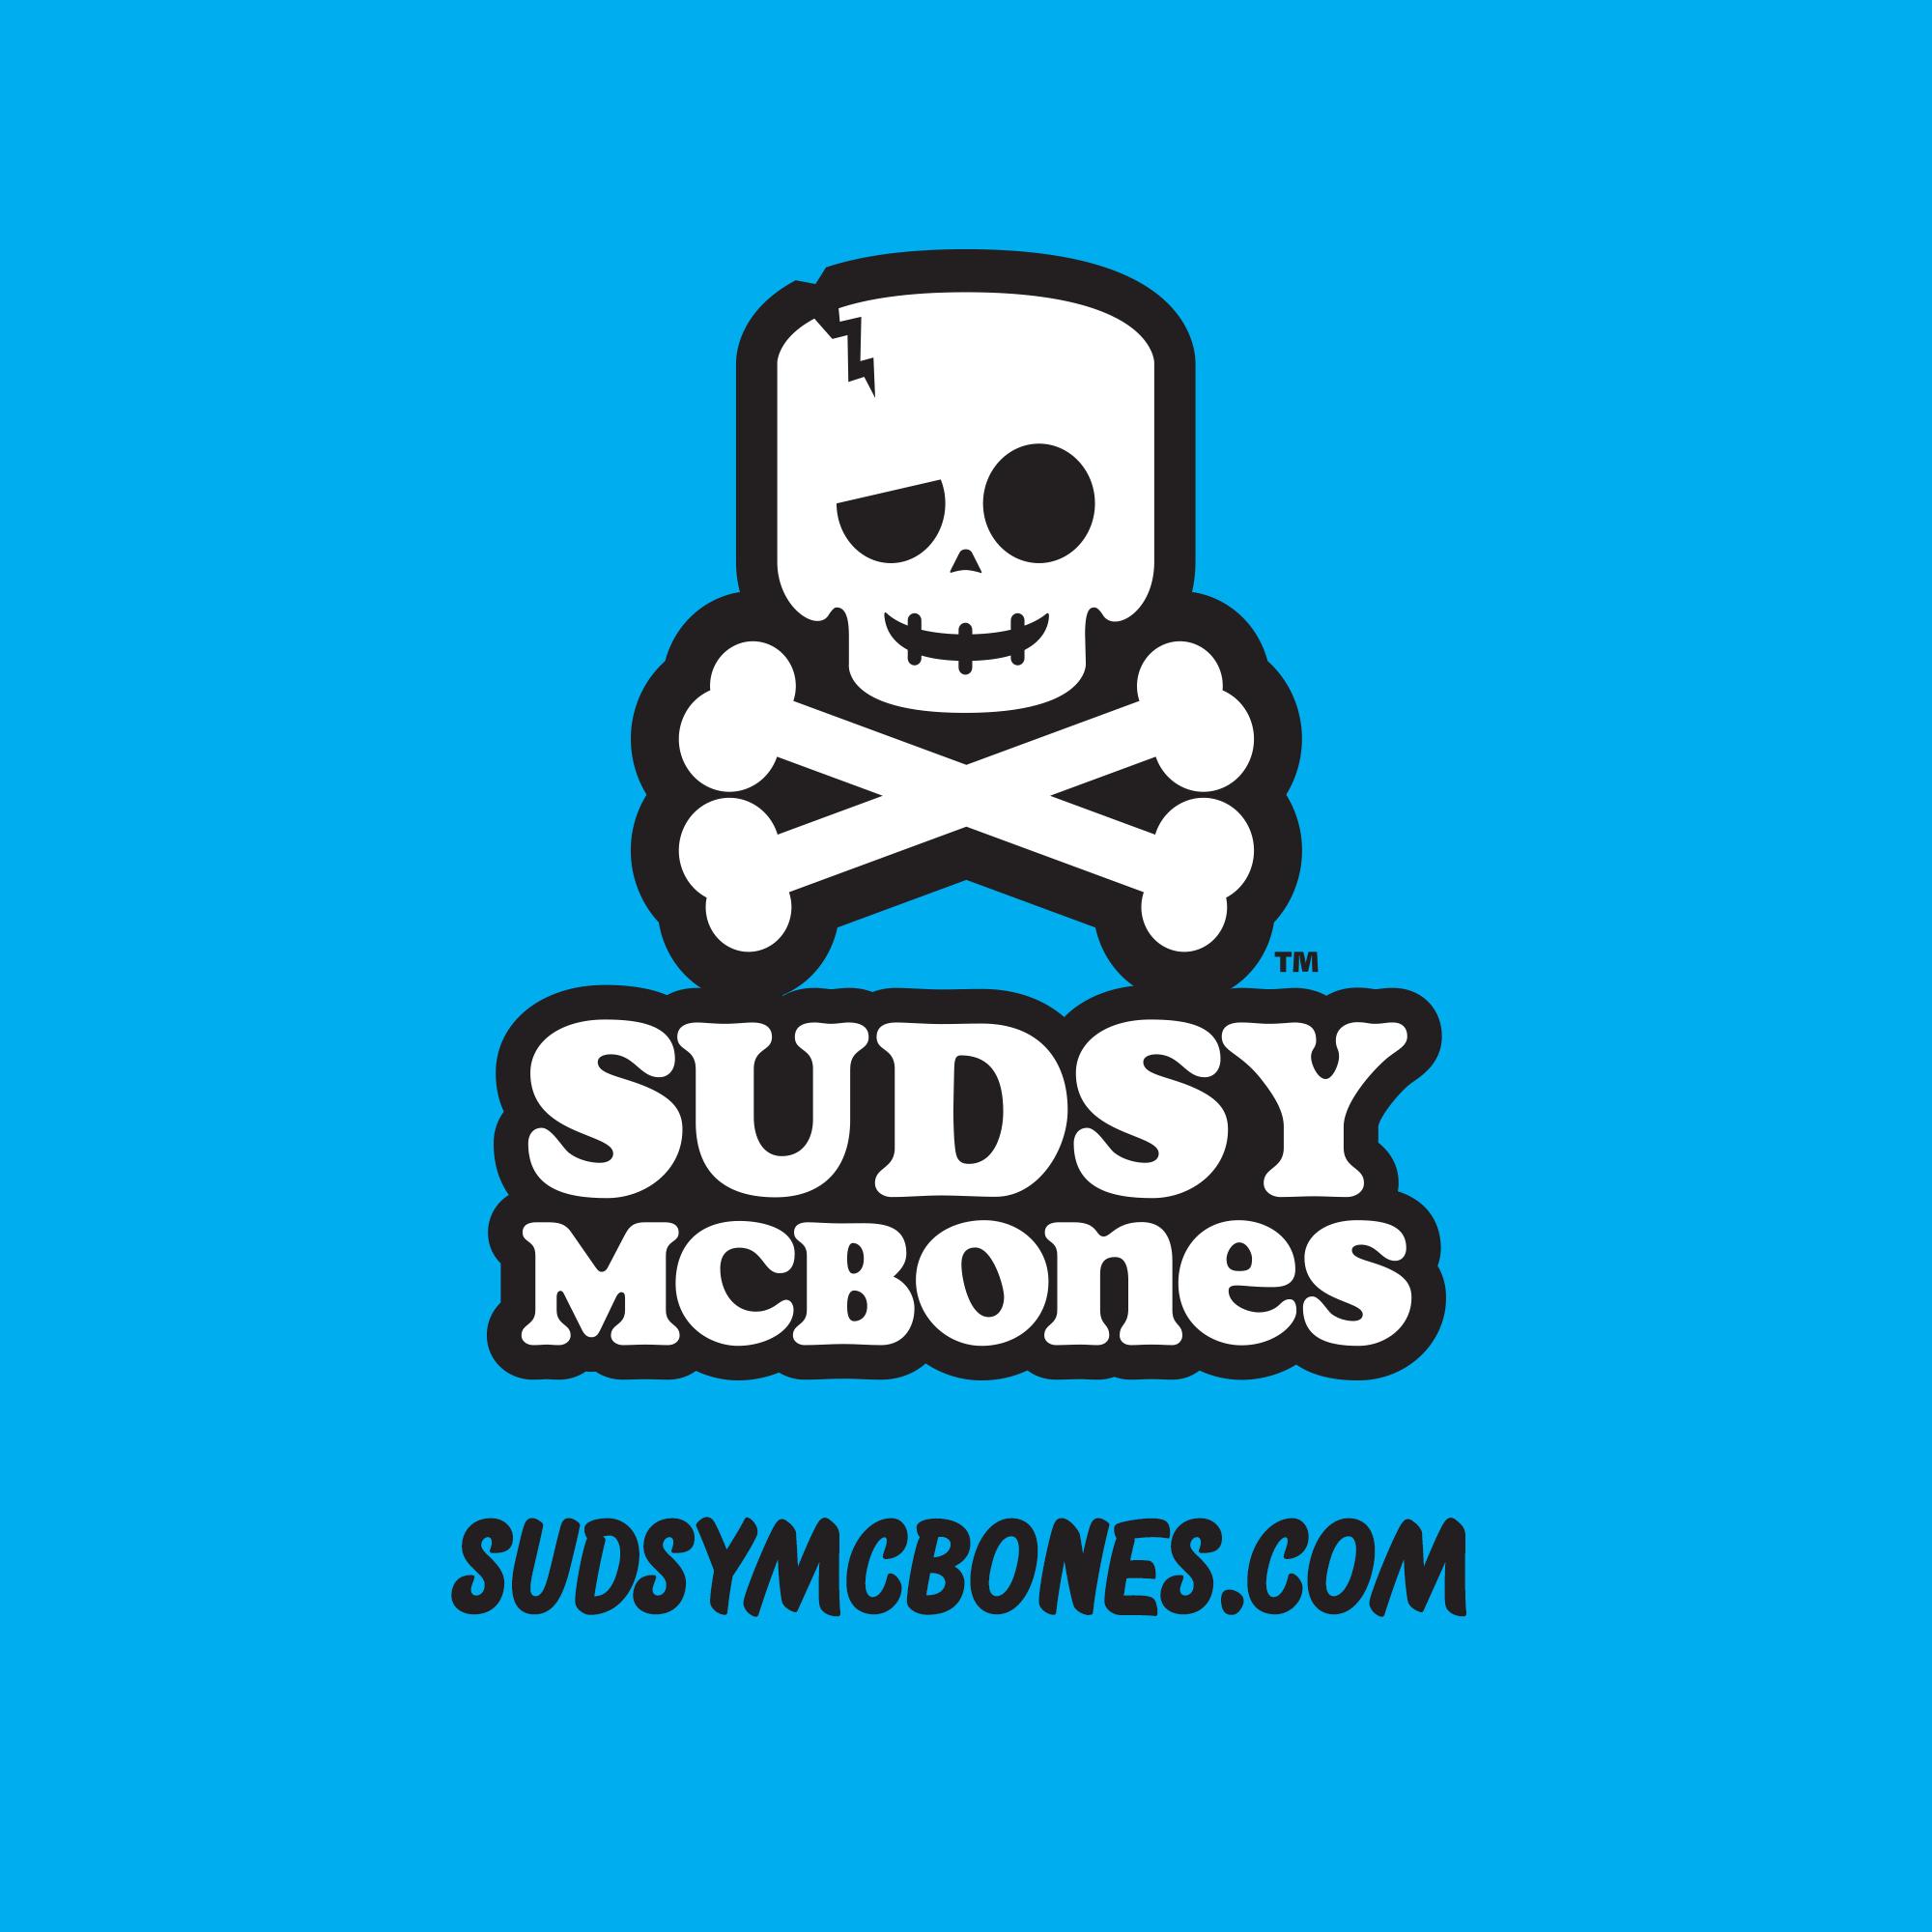 Sudsy McBones